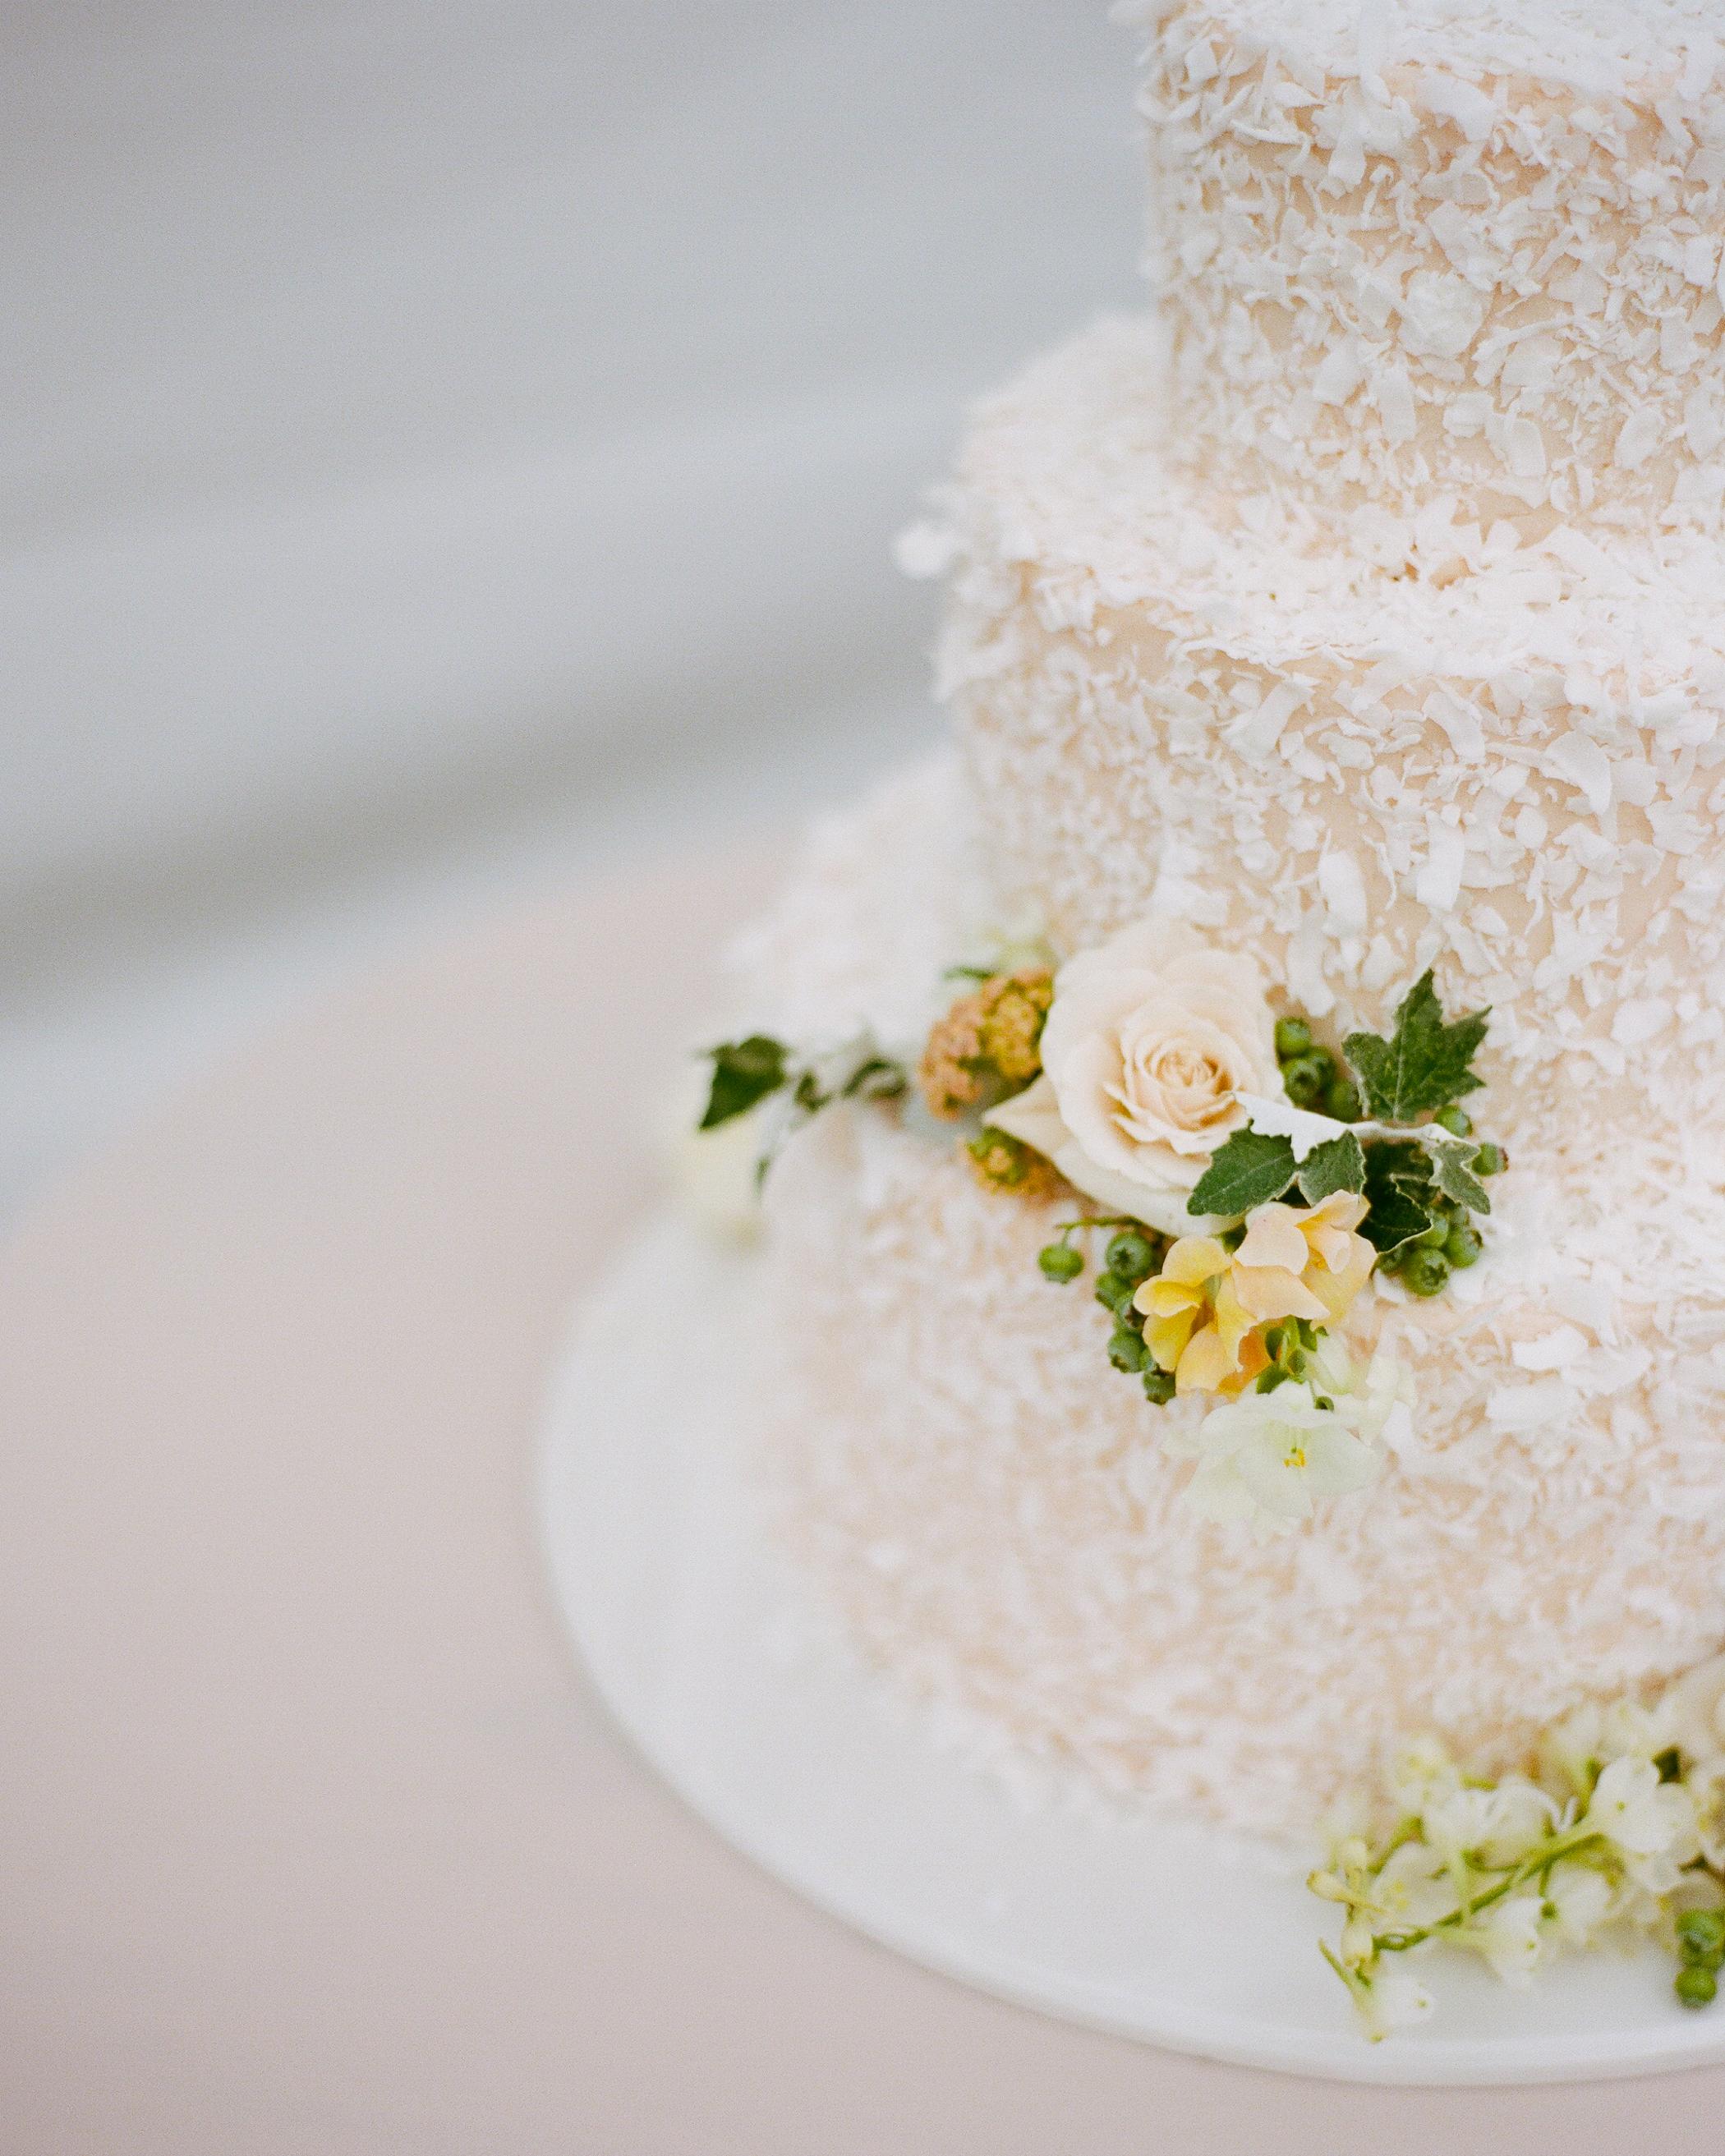 jamie-alex-wedding-cake-228-s111544-1014.jpg